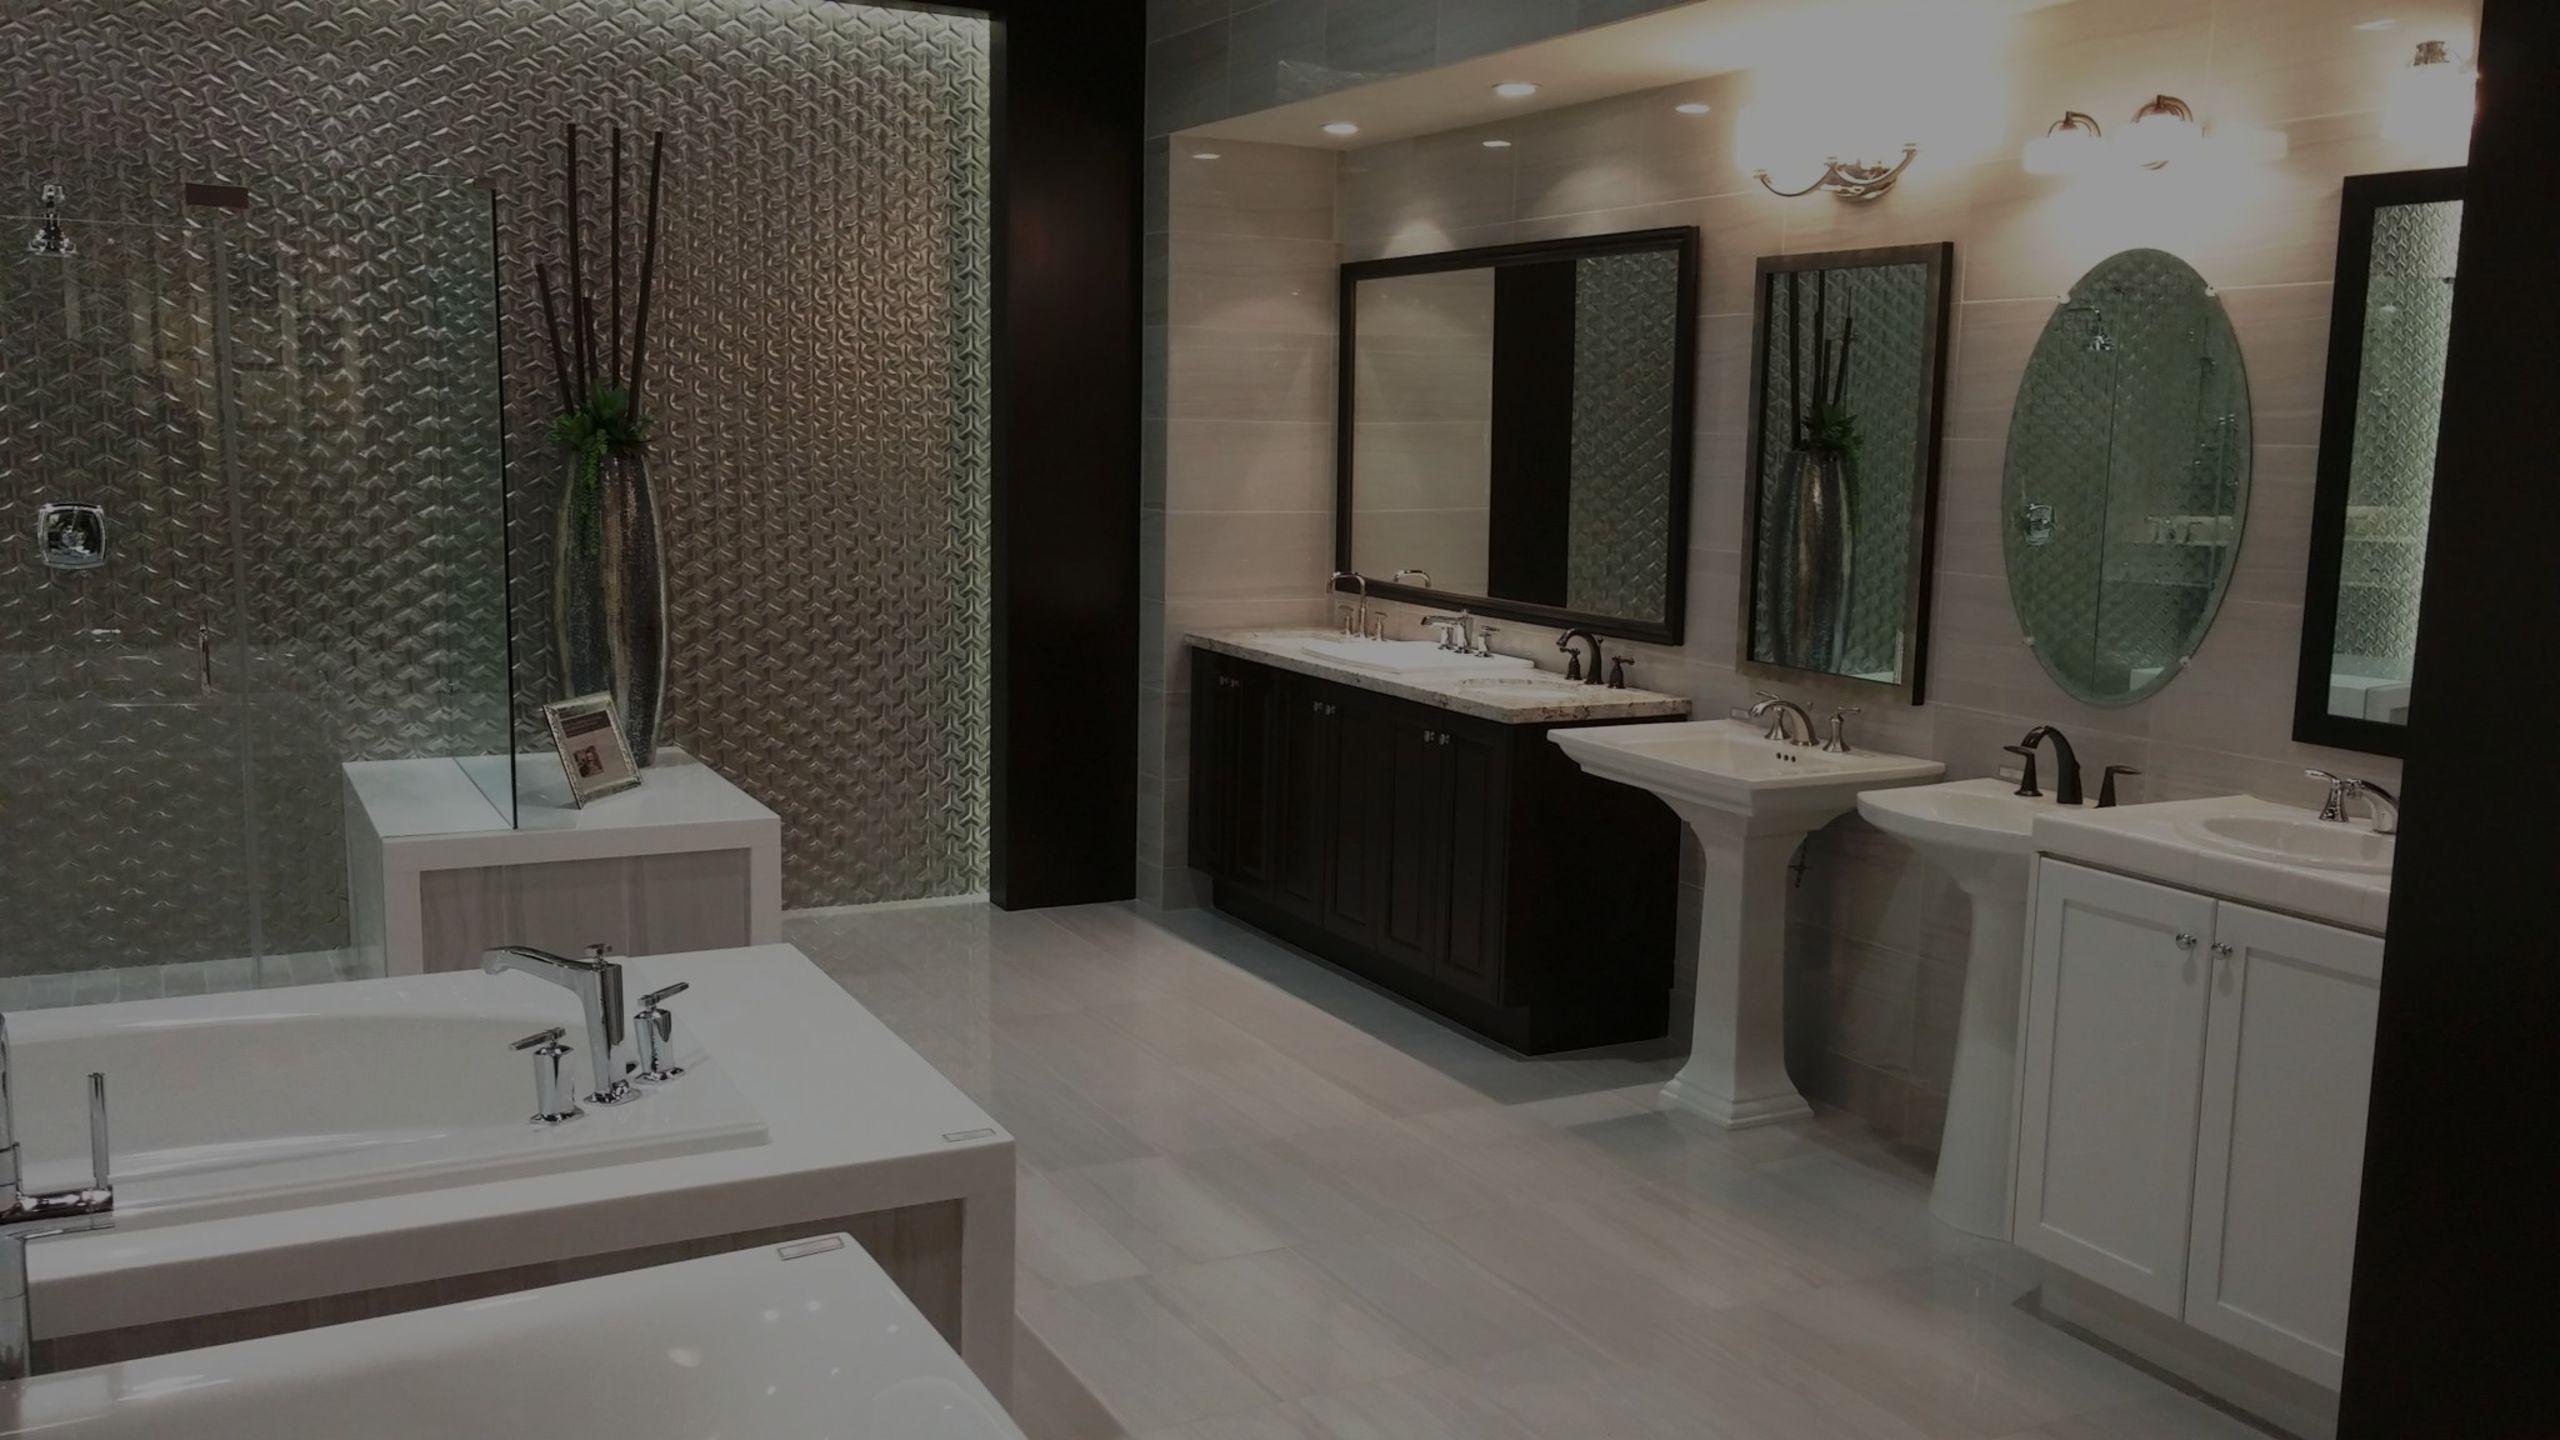 Kohler Konnect Smarthome Kitchen Bathroom | Bruce Clark Orange County Real Estate